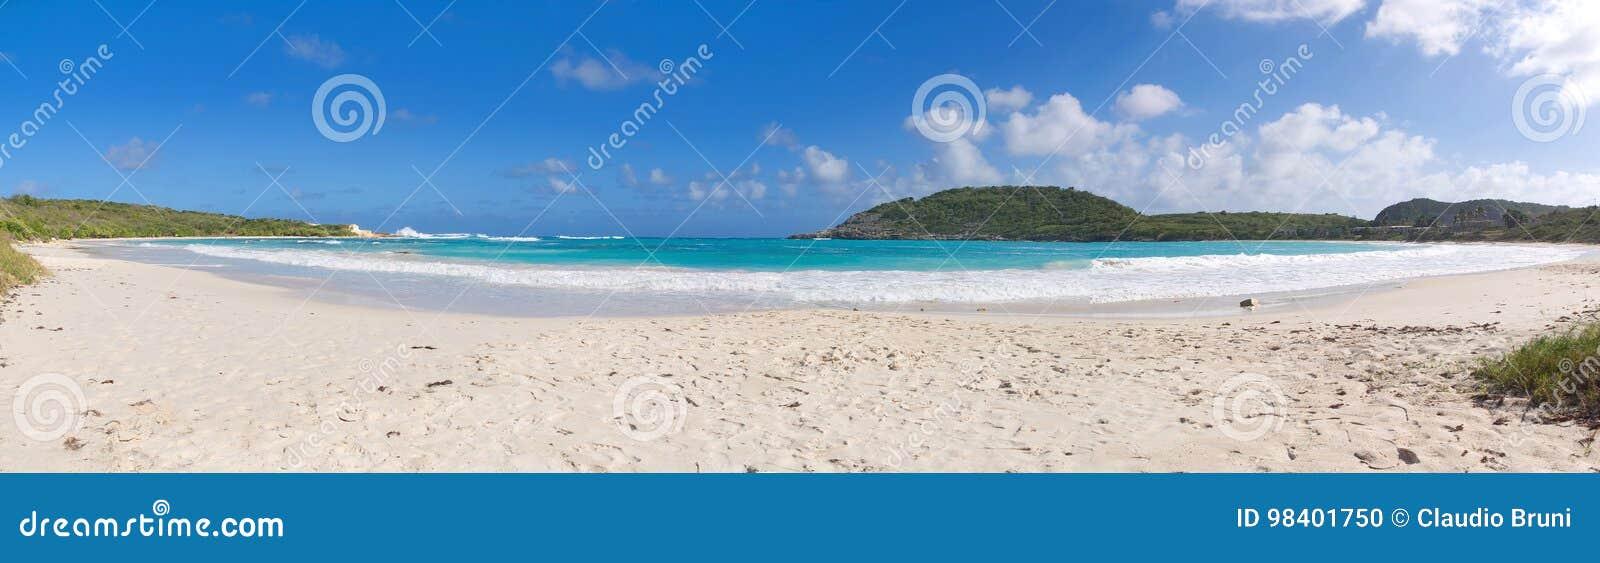 Побережье Half Moon Bay Атлантического океана - карибский тропический остров - Антигуа и Барбуда